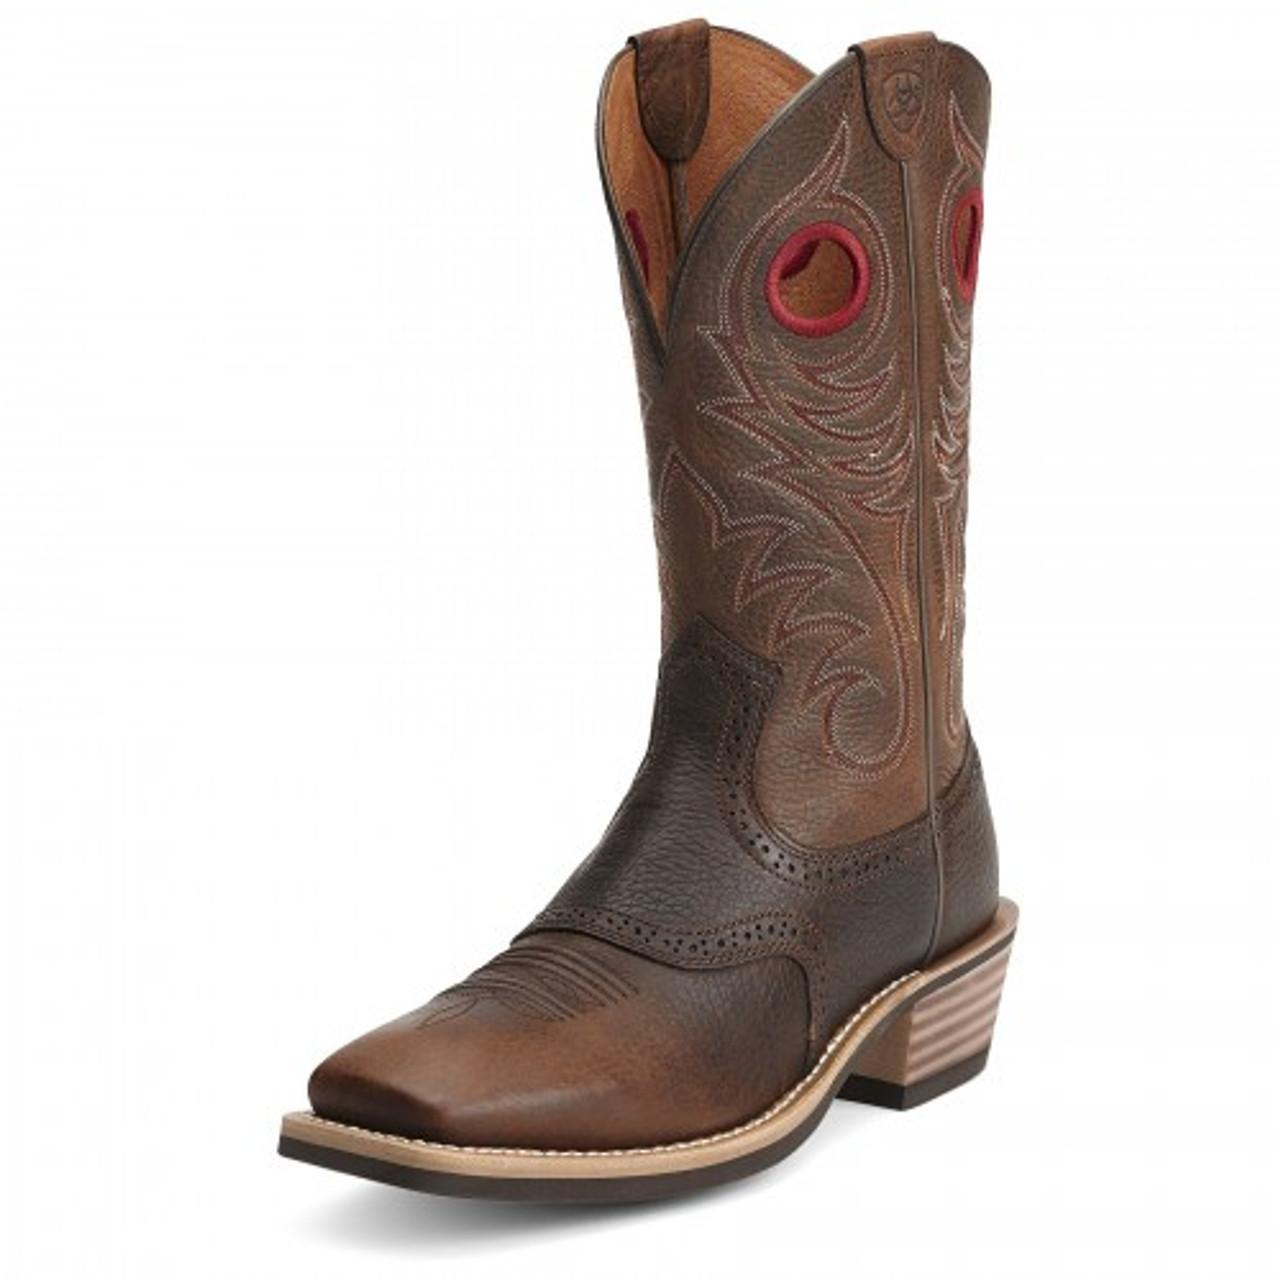 f5f6d7140ec Ariat Men's Boots - Heritage Roughstock - Brown Rowdy